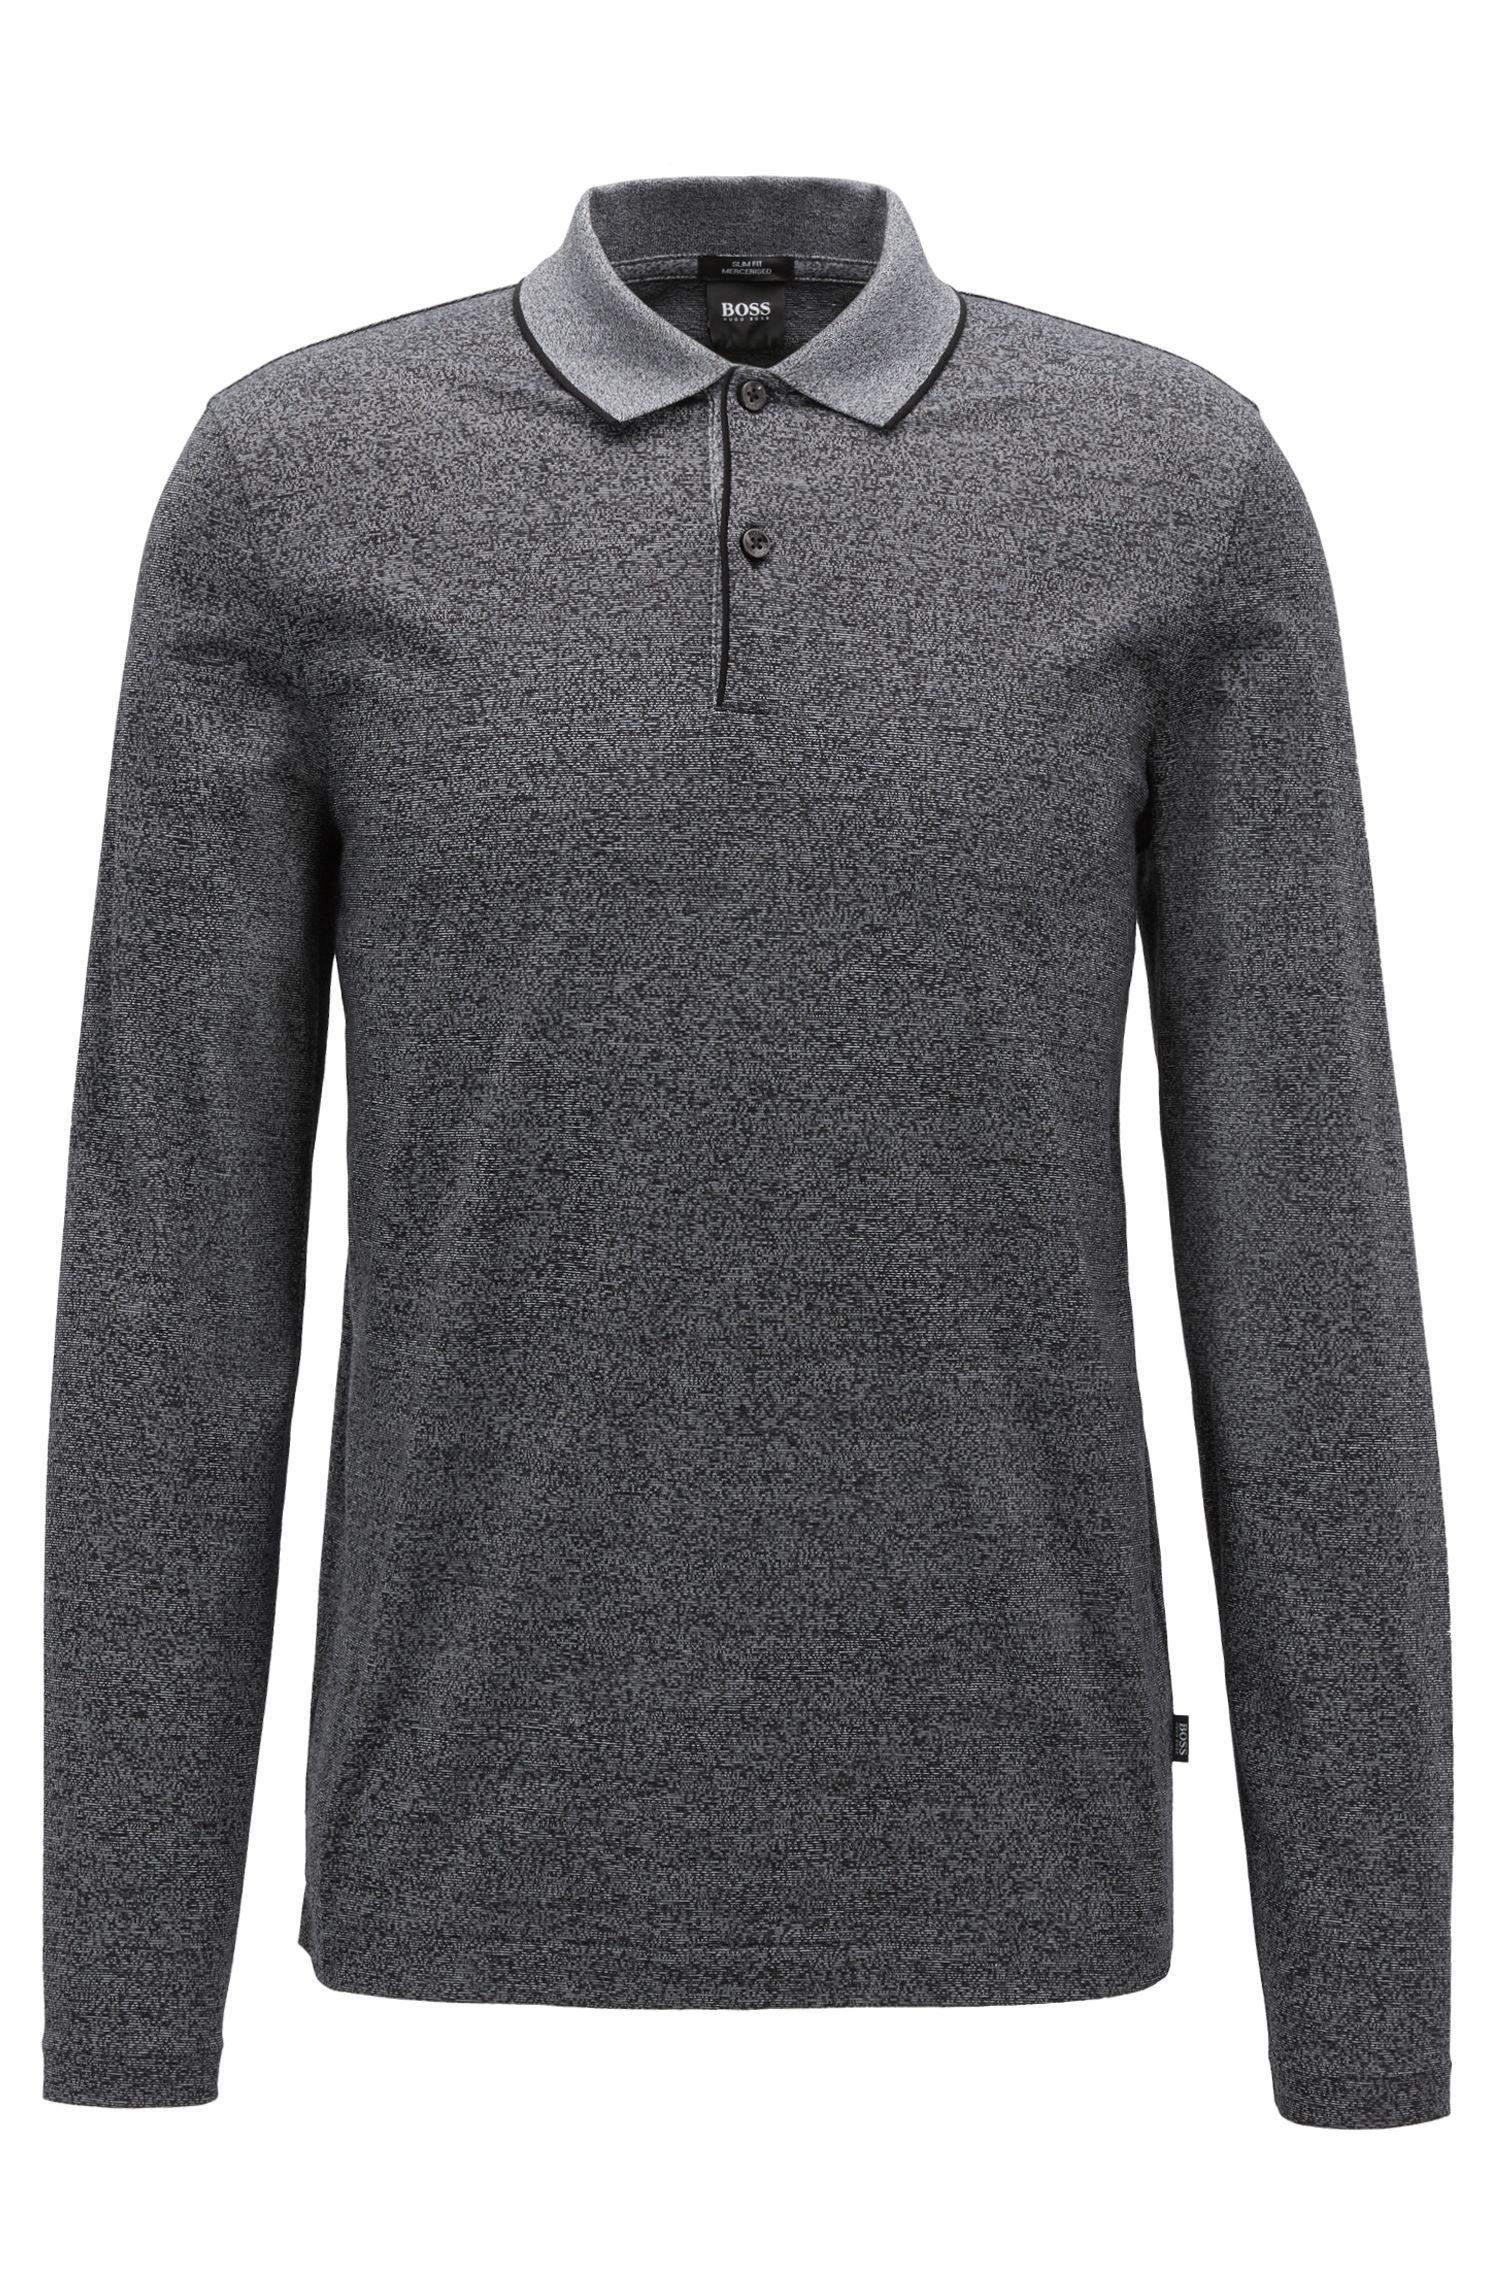 Slim-fit polo shirt in mercerized mouliné cotton, Black